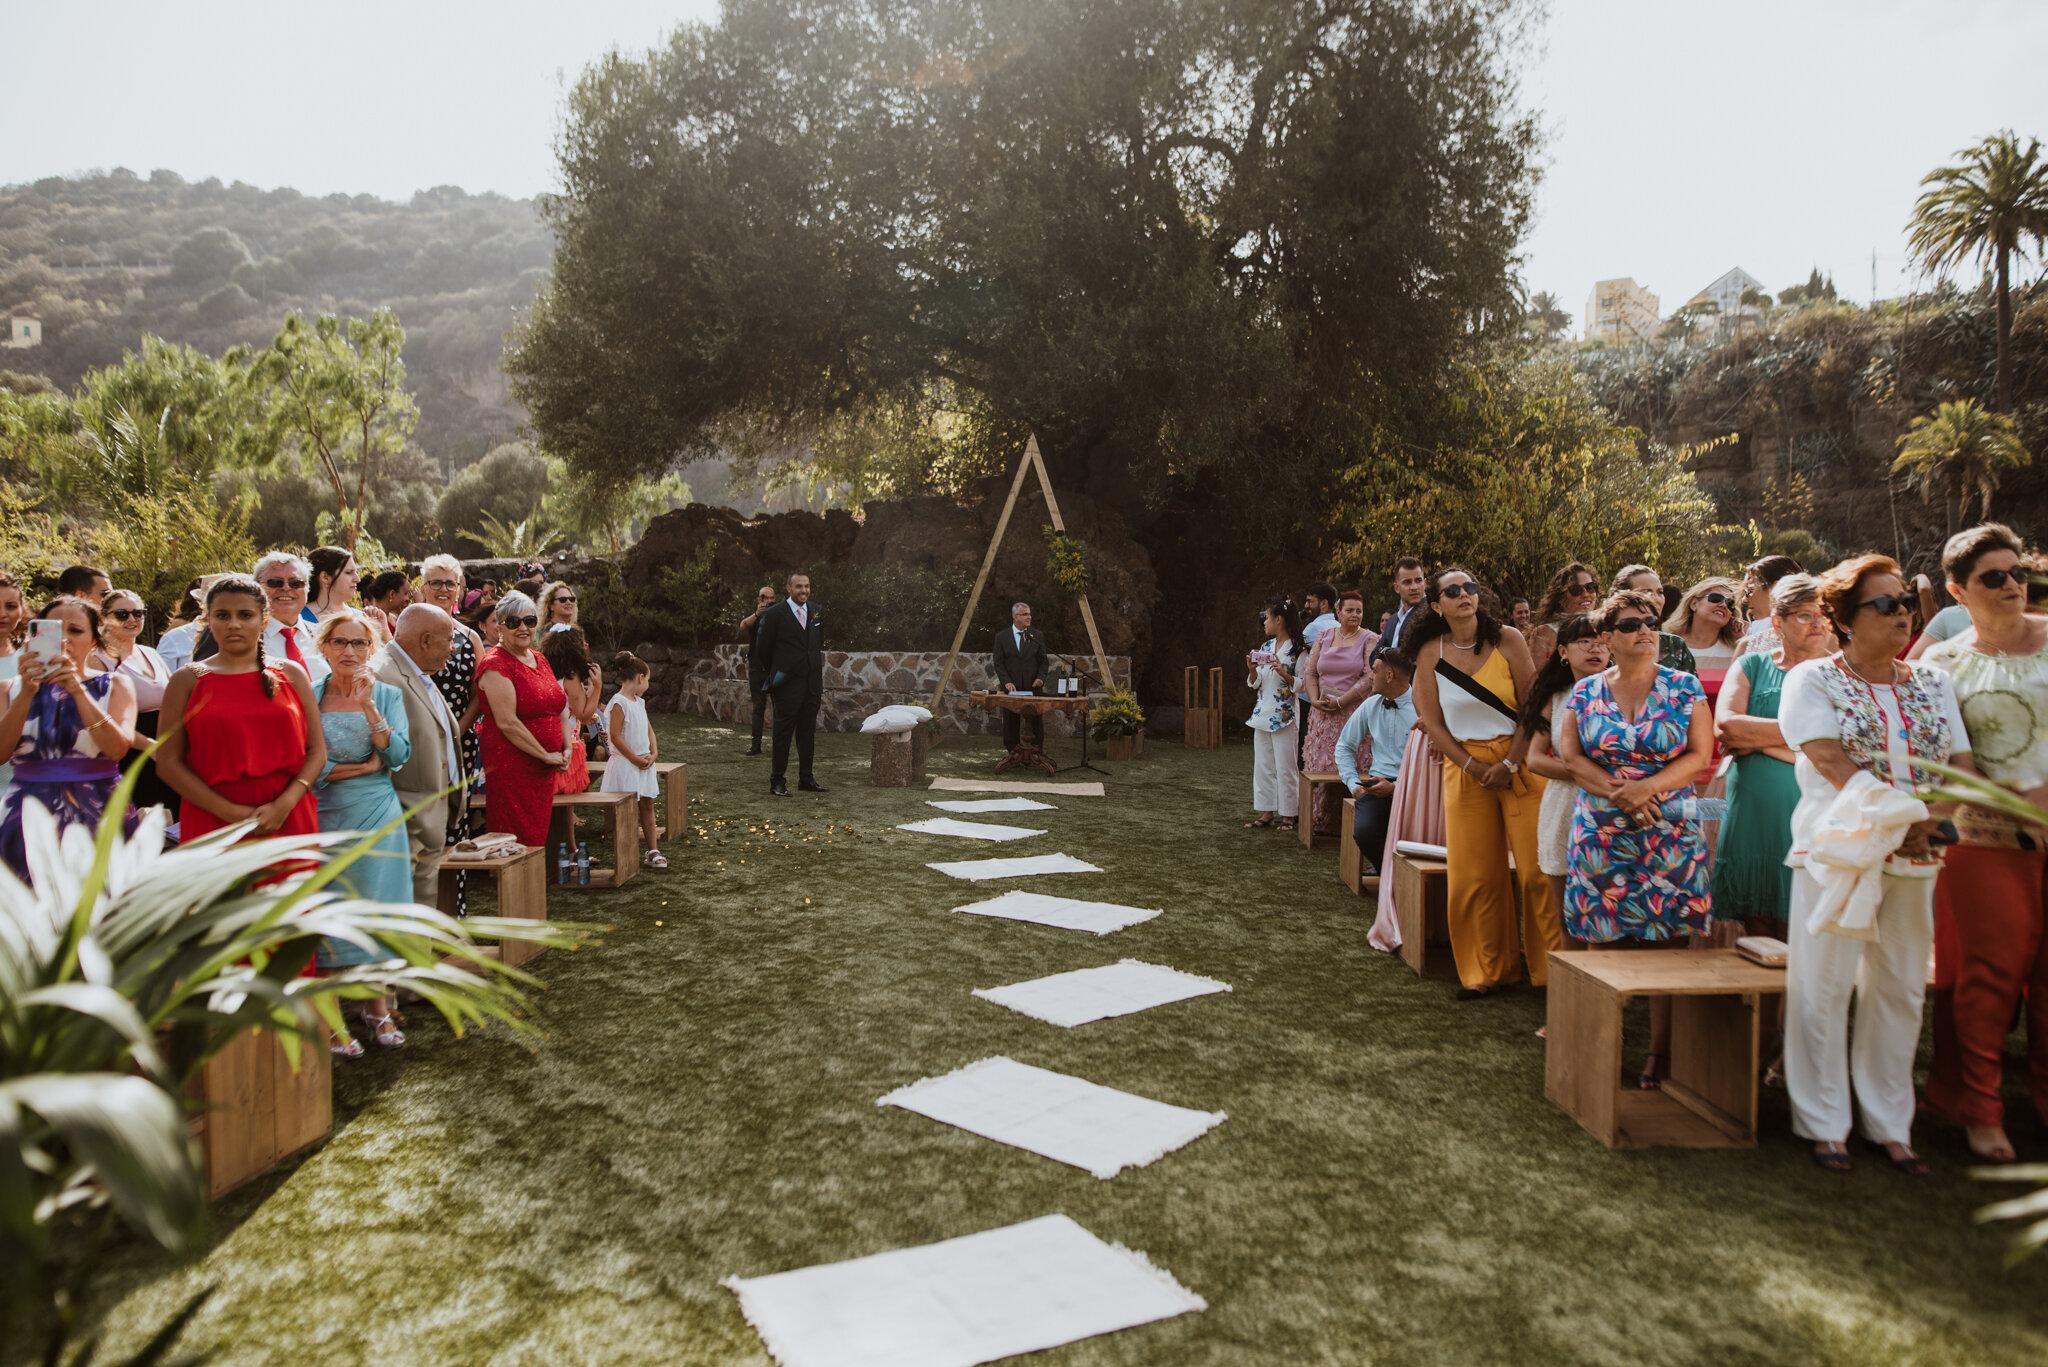 fotografo de bodas las palmas_-43.jpg